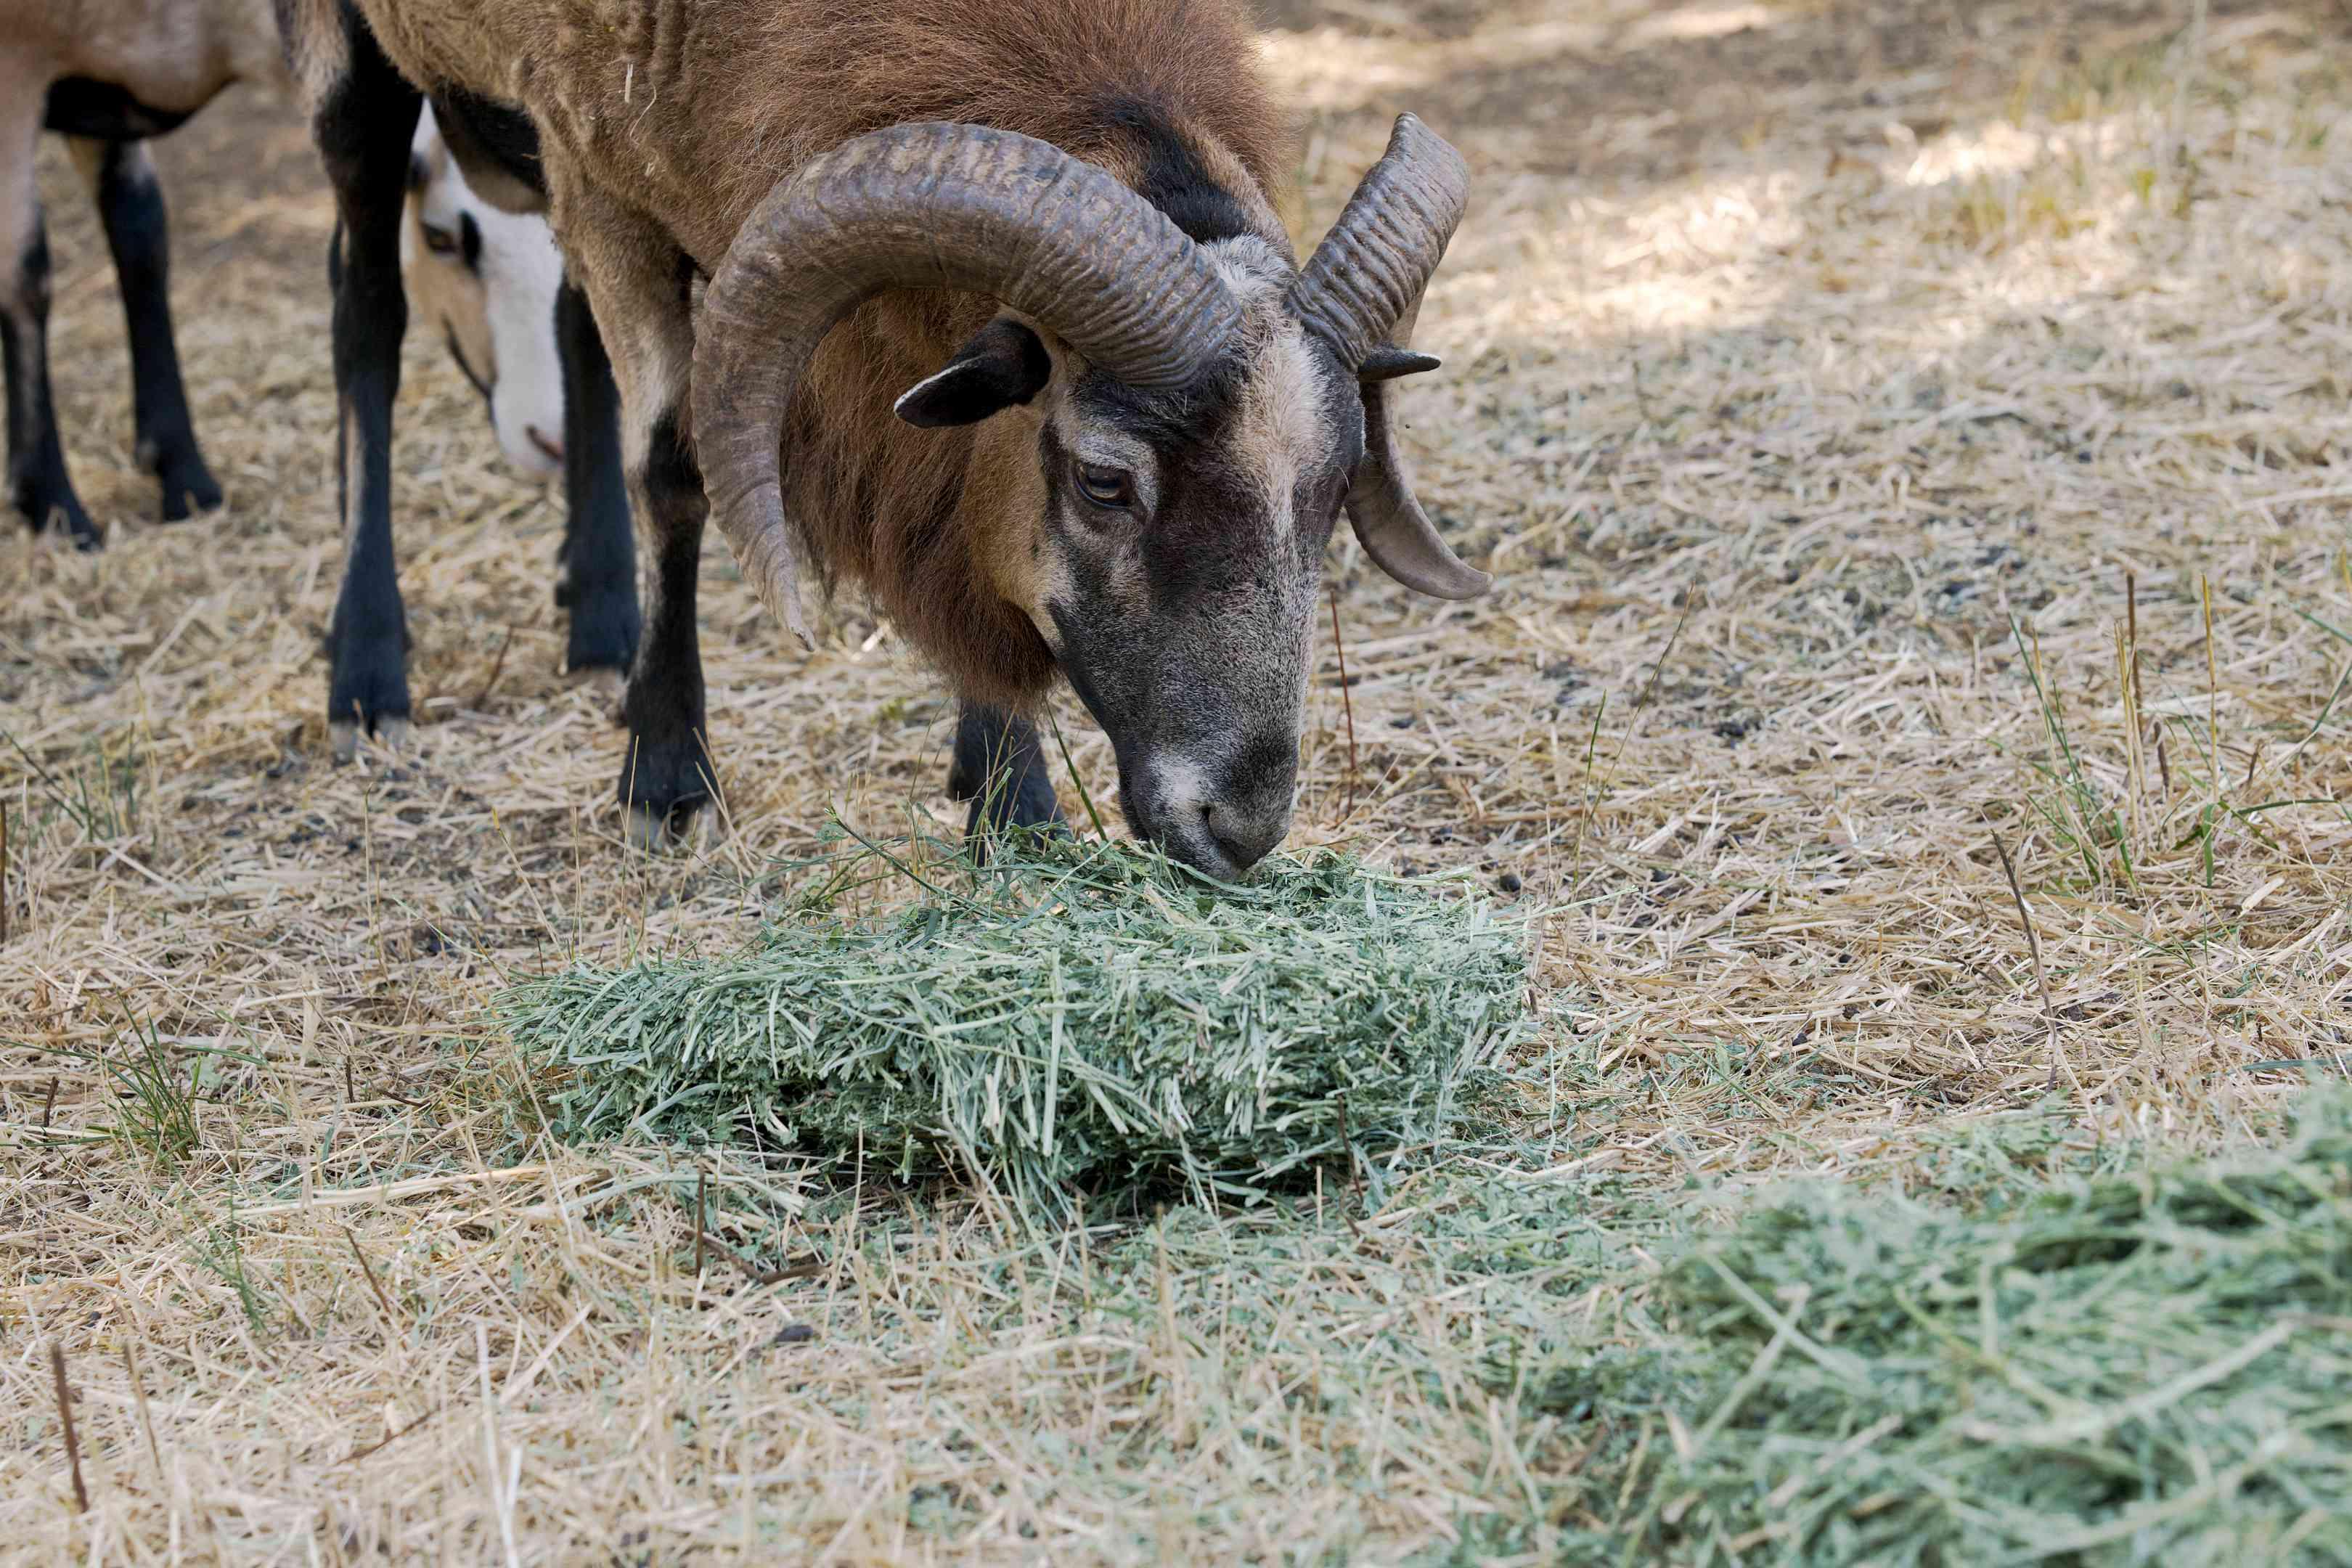 large black ram sheep munches on alfalfa on ground